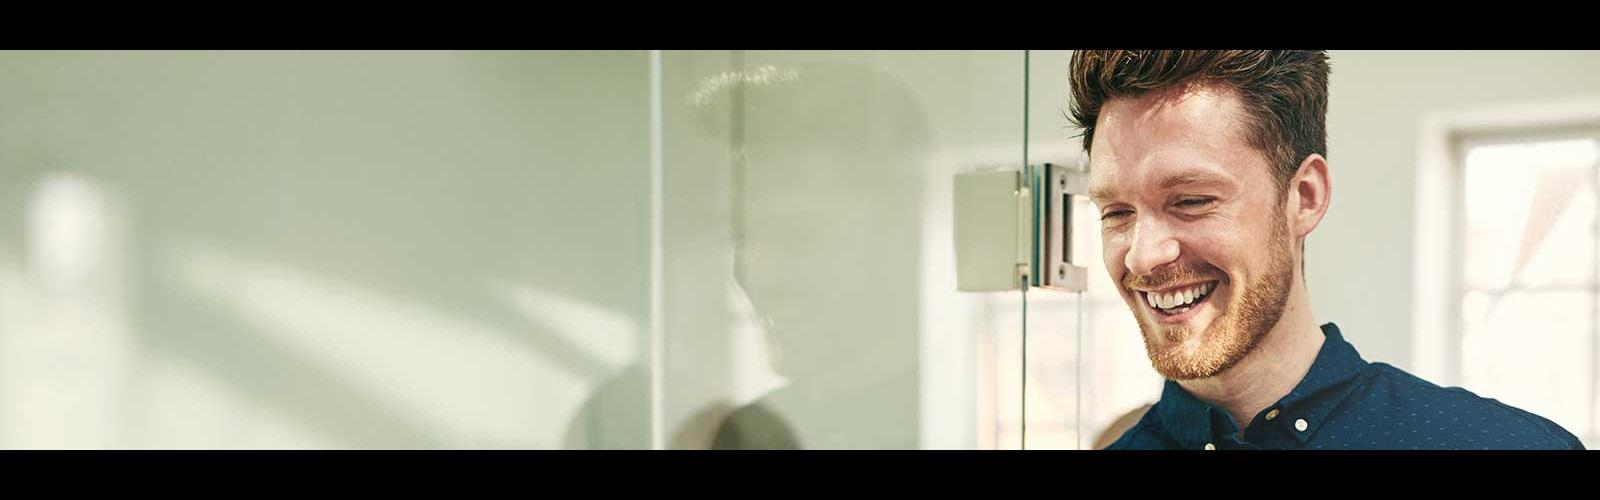 Jongen met baard en blauw shirt op kantoor